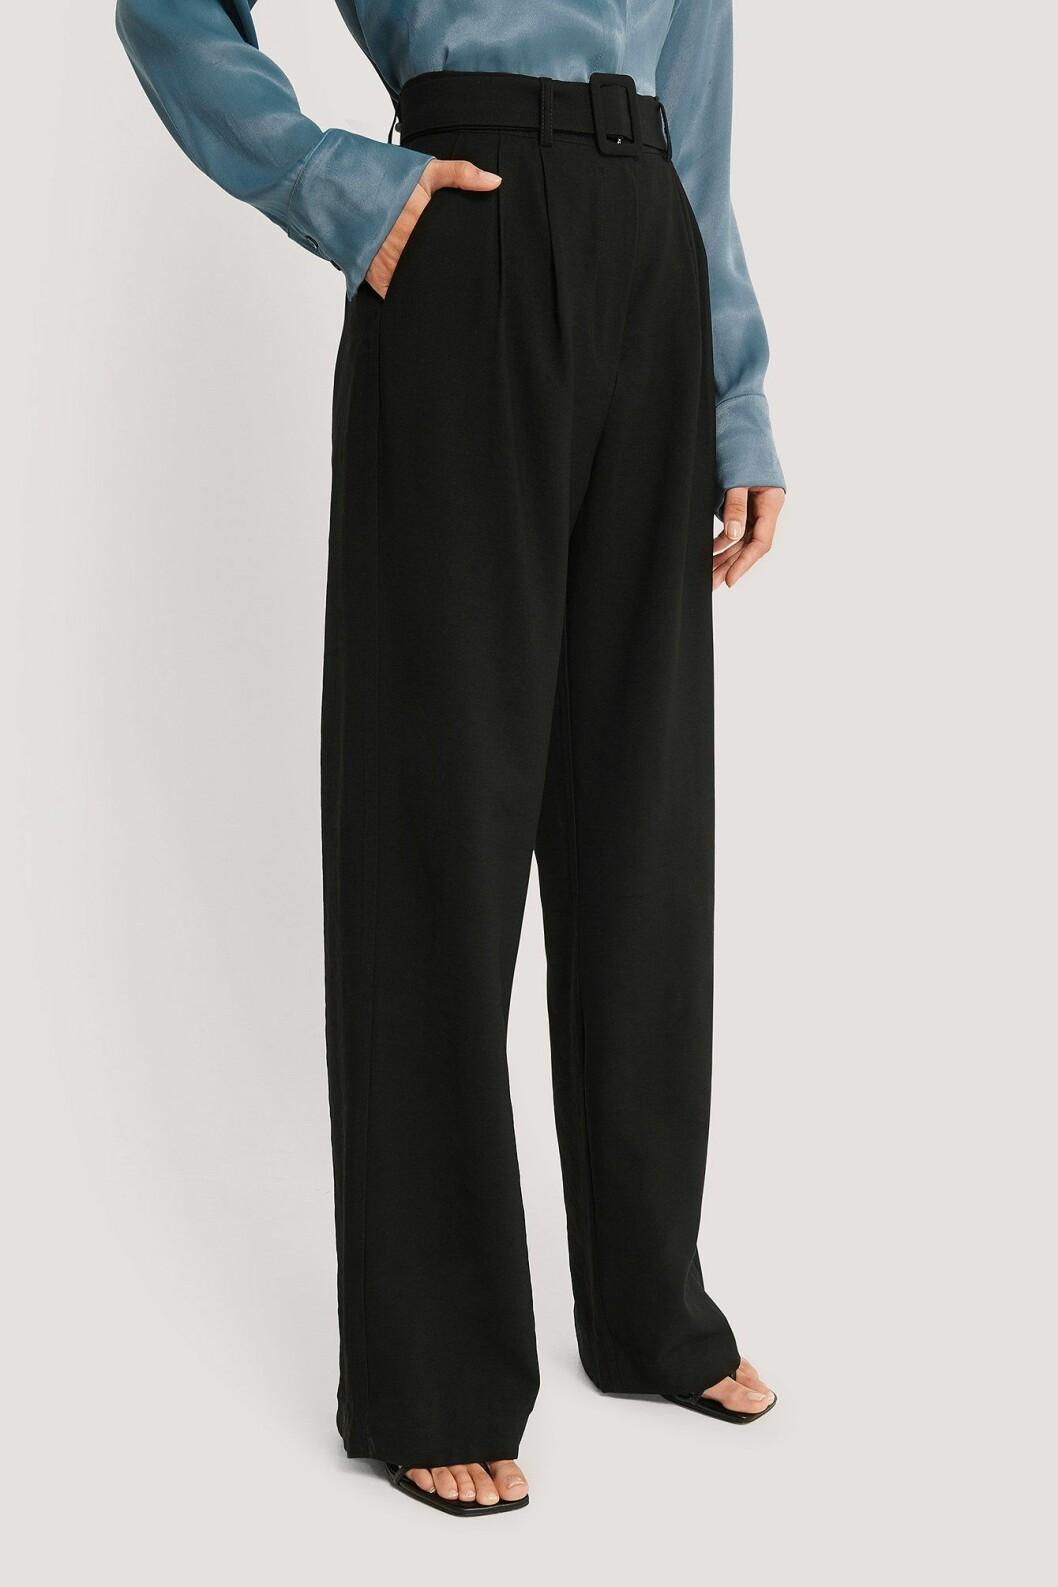 Imane Asry x Na-kd: Svarta kostymbyxor